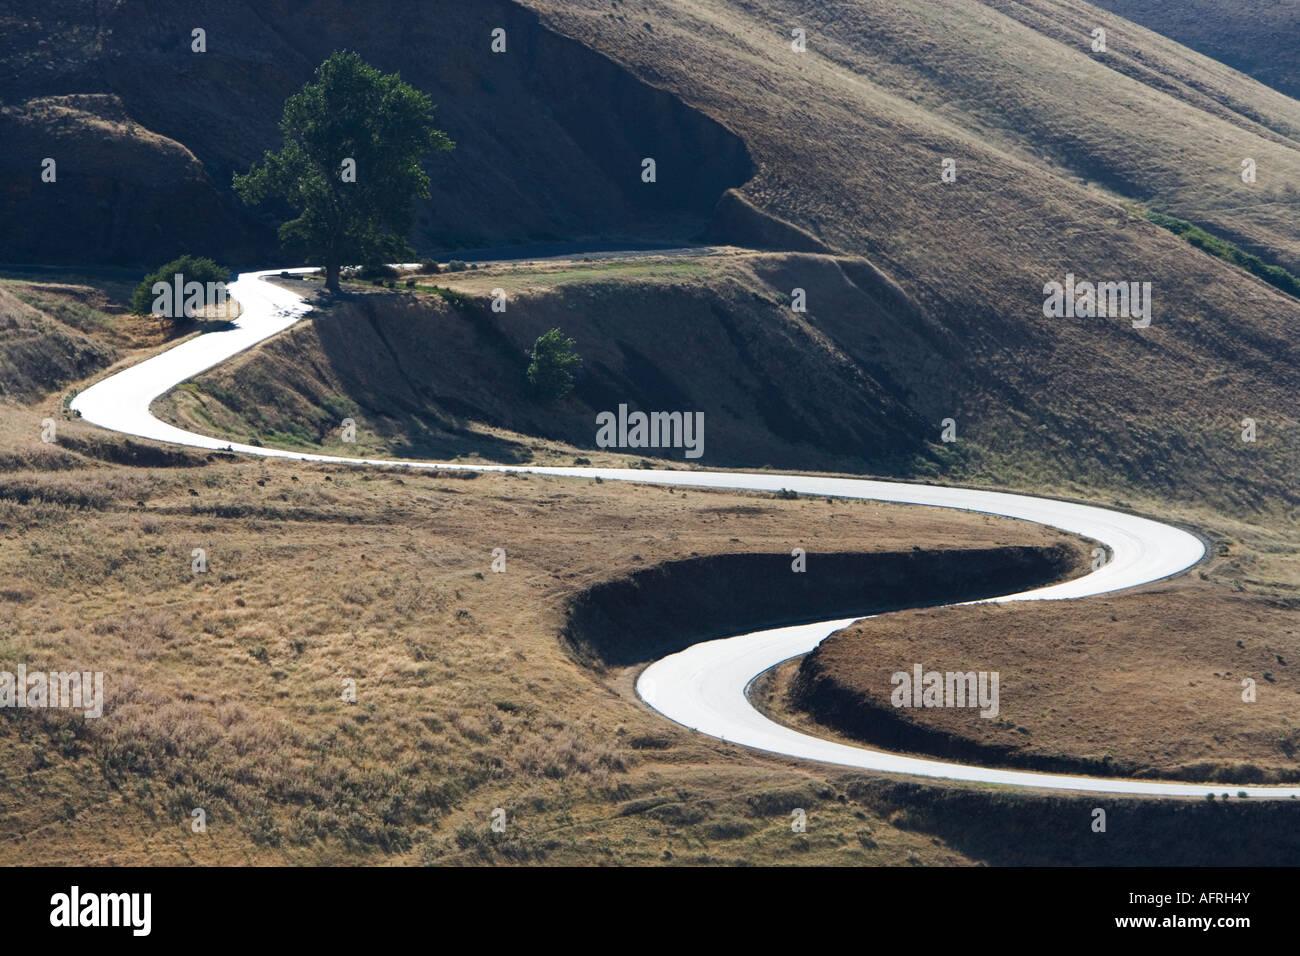 Las curvas de la autopista principal hacia arriba. Foto de stock